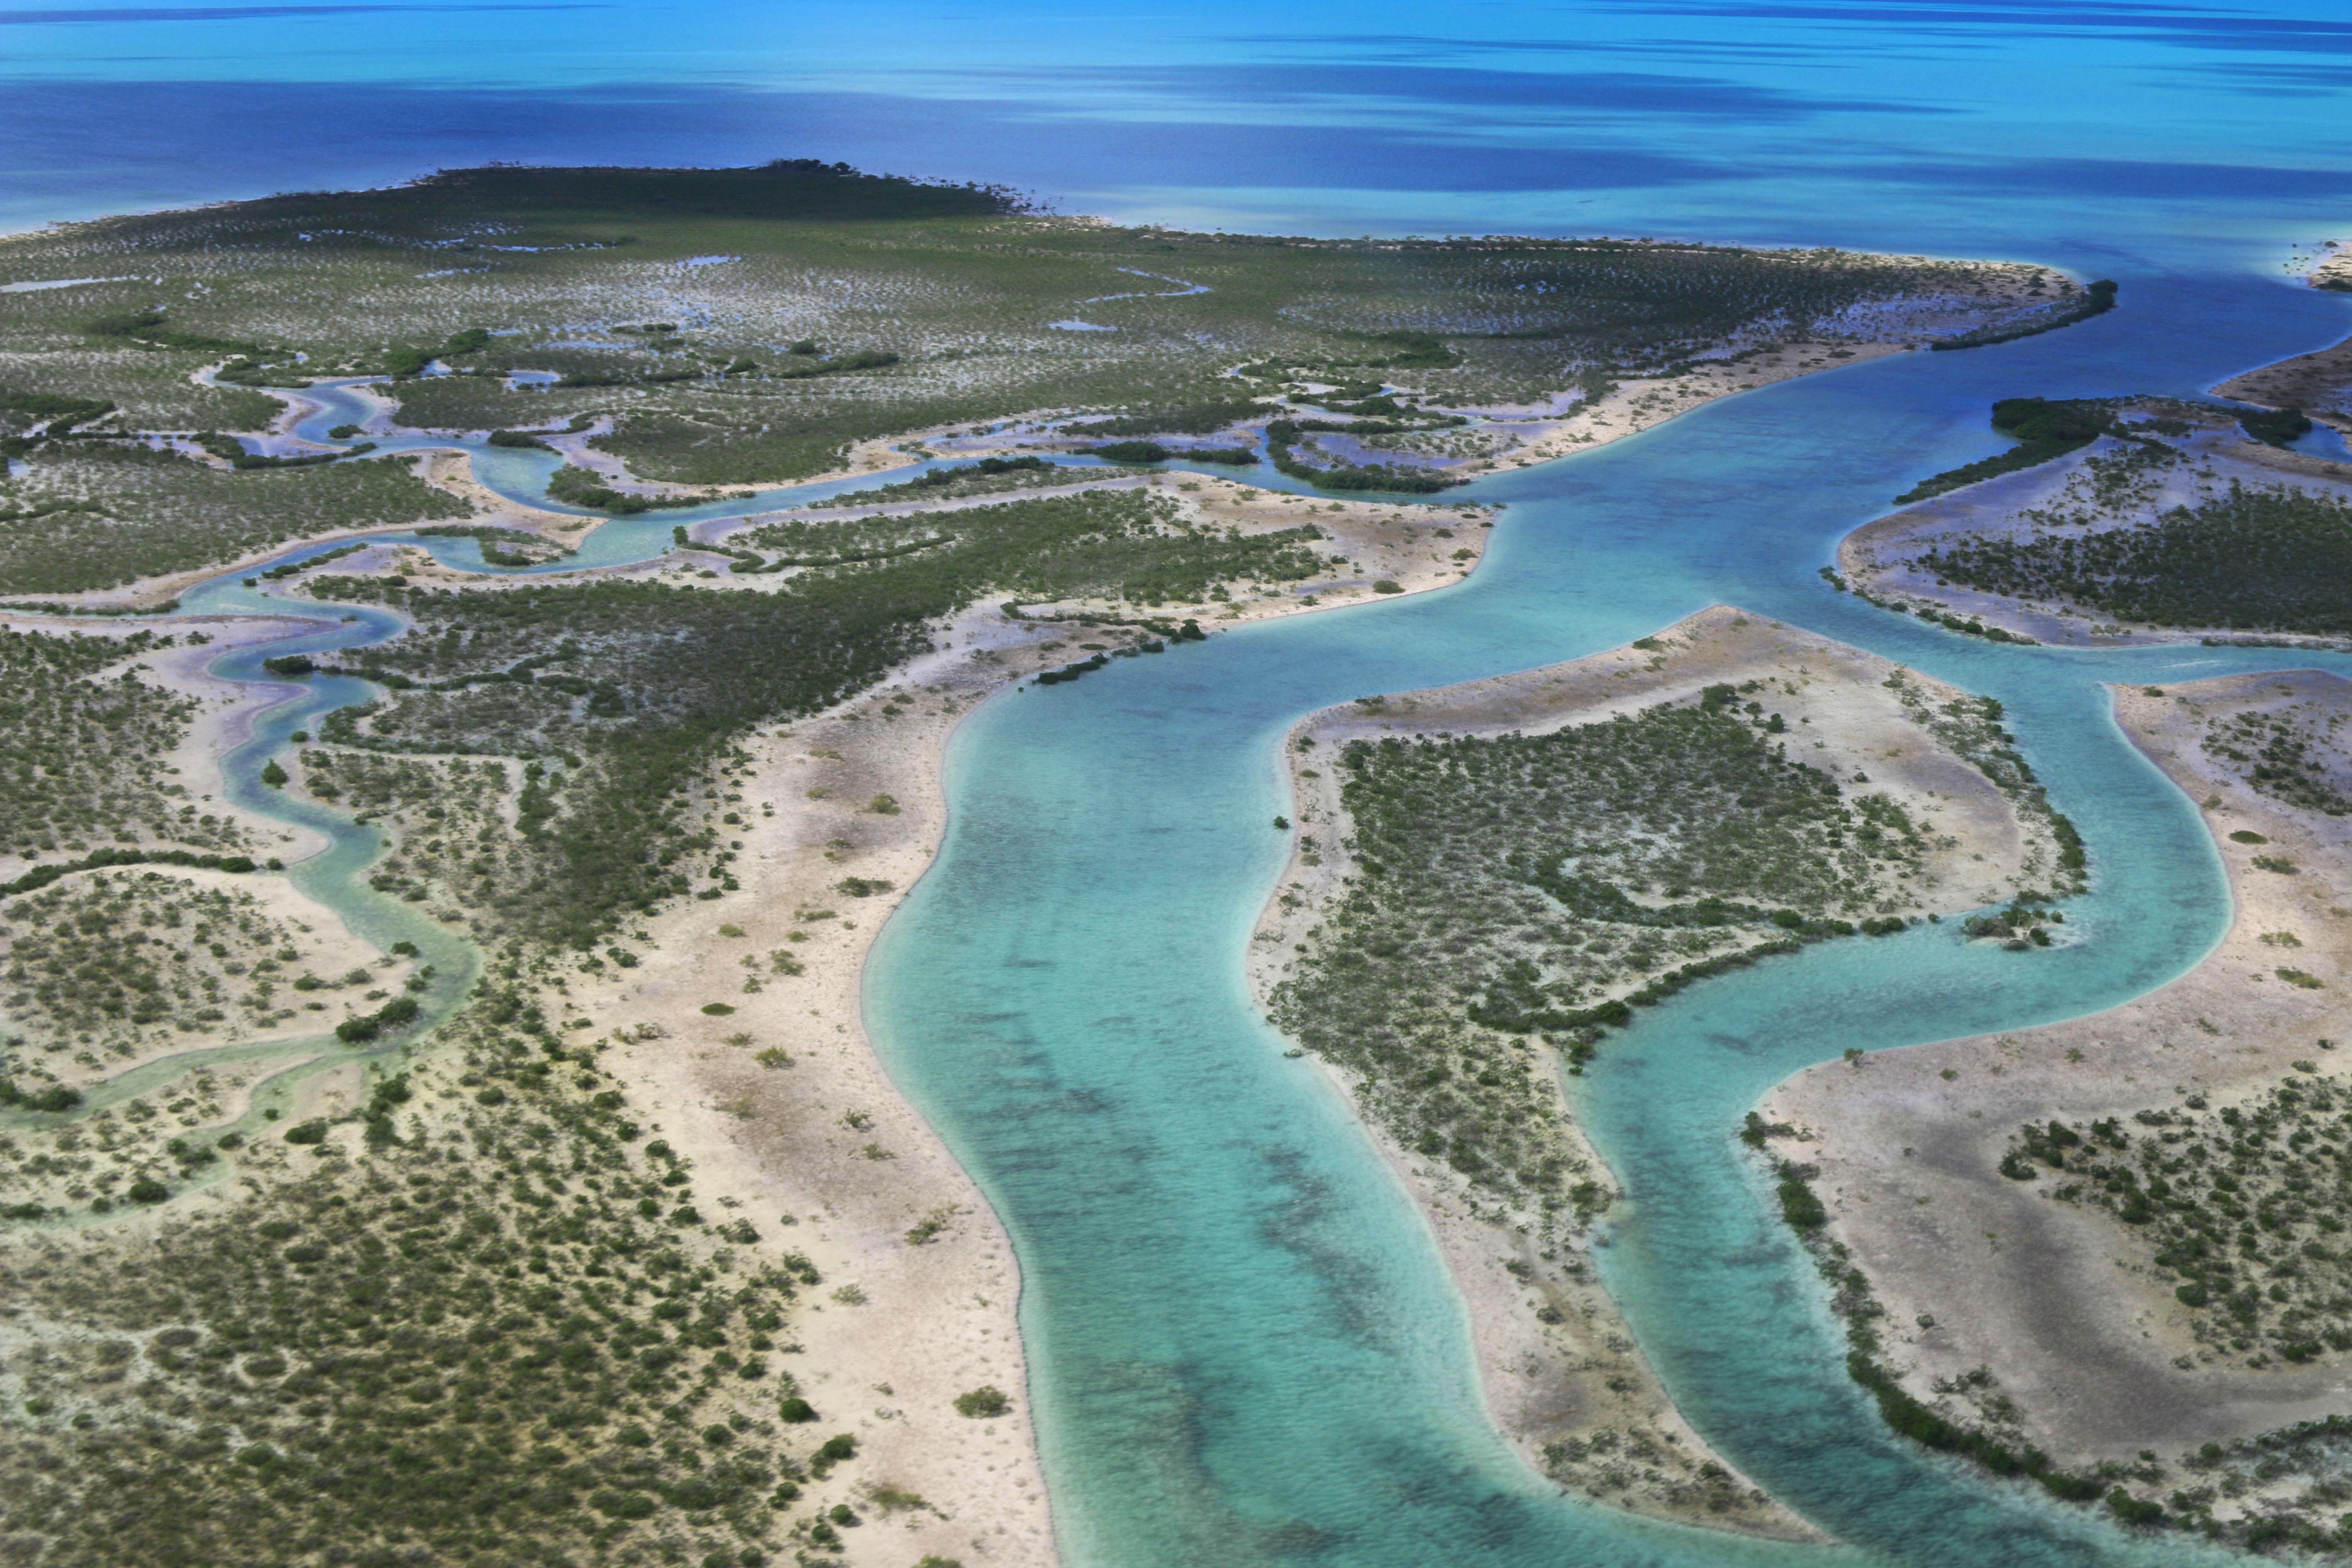 Andros wetlands, Bahamas